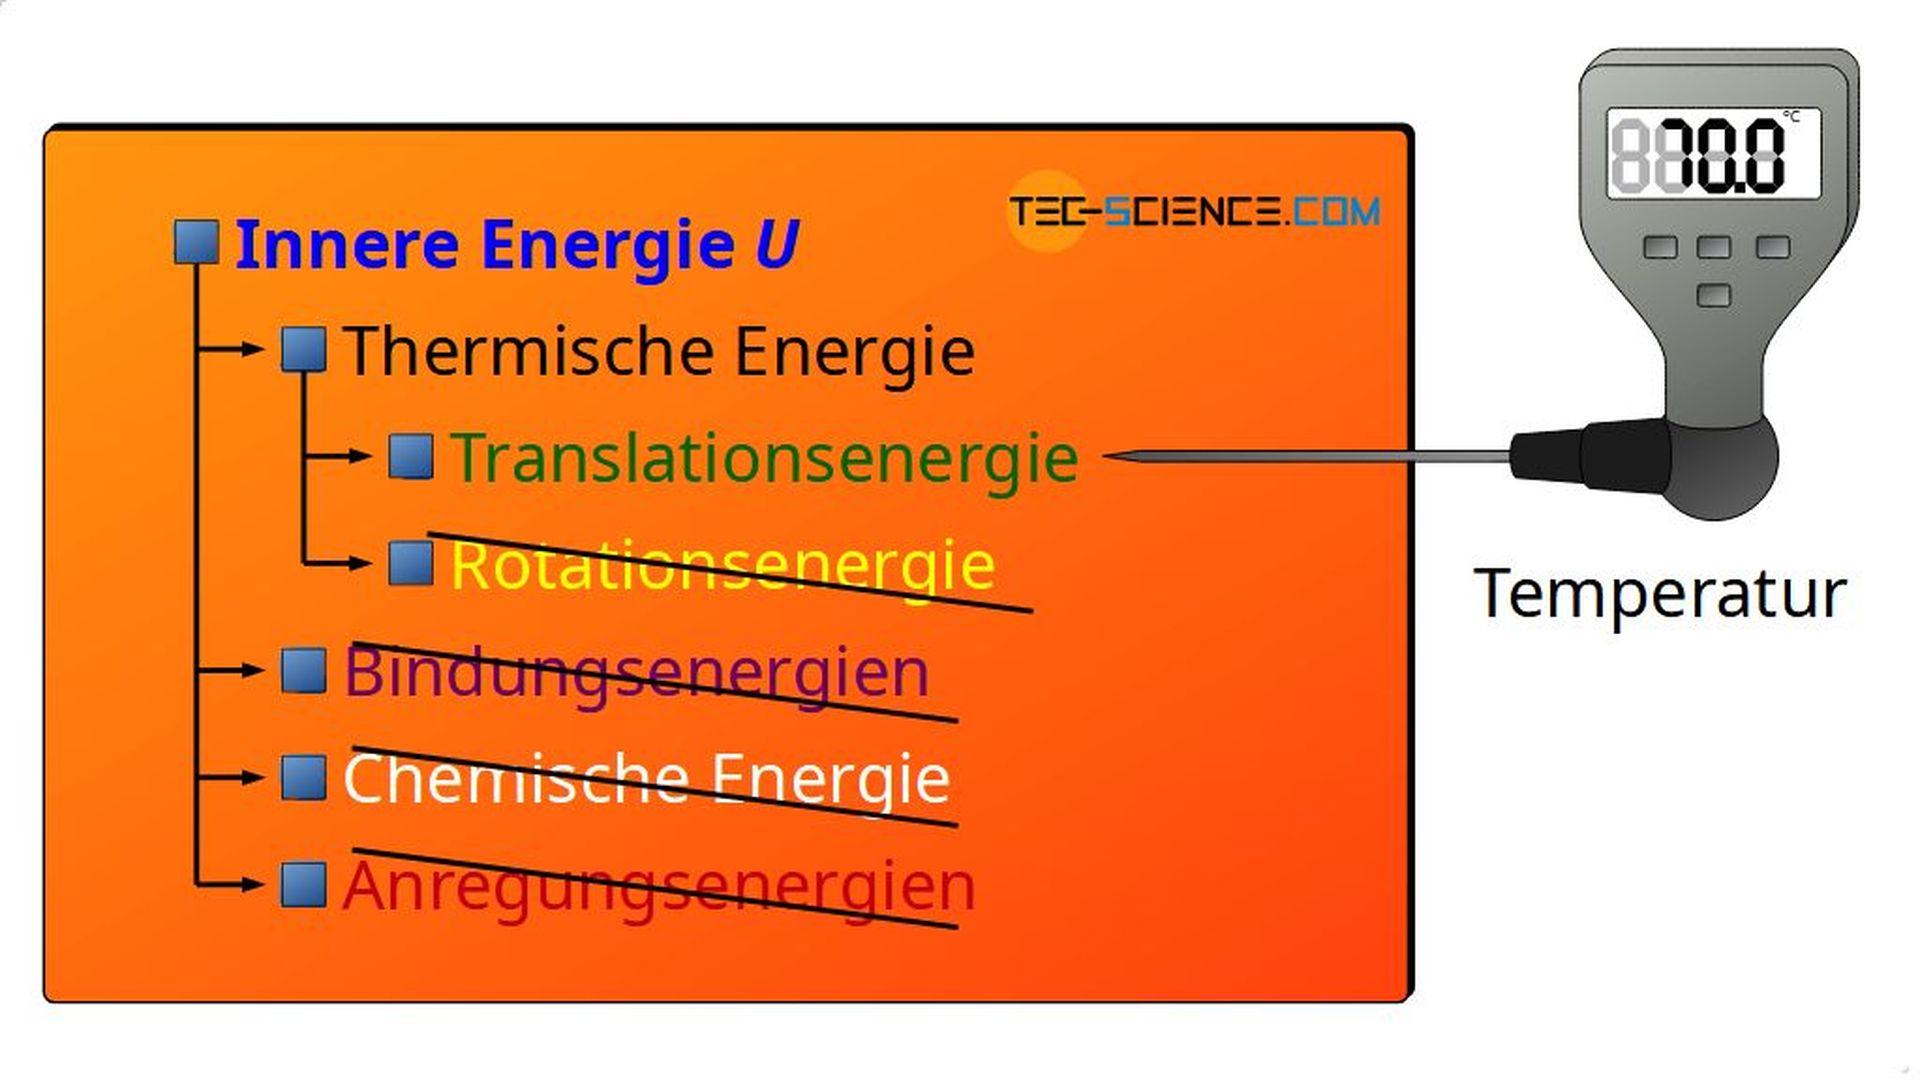 Innere Energie von idealen Gasen